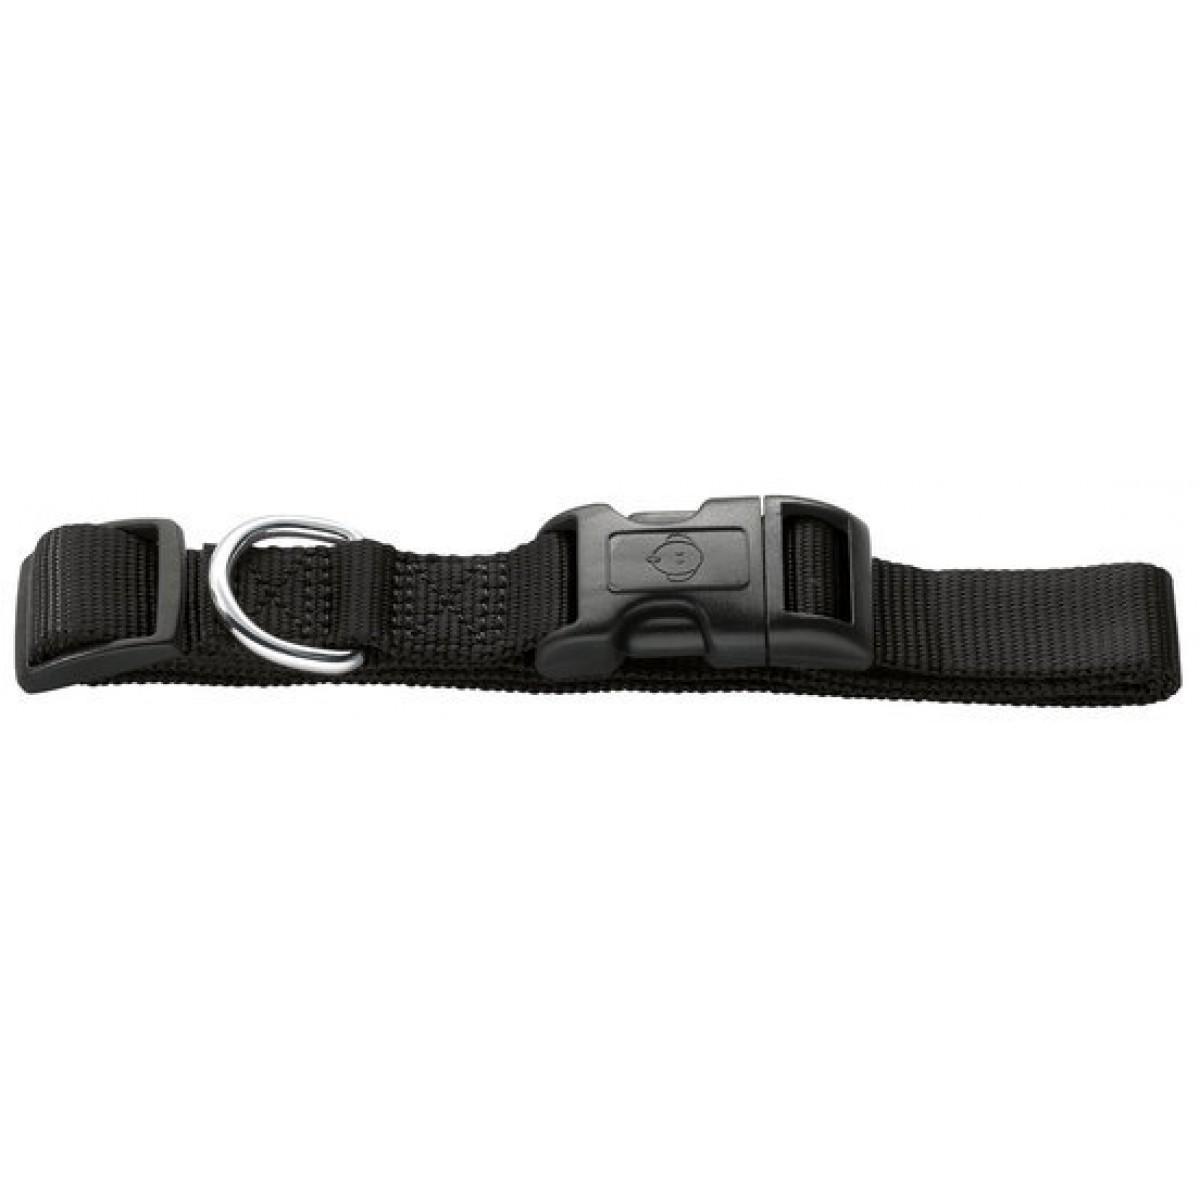 Hunter Smart ошейник для собак Ecco L (41-65 см) нейлон черный (28007)